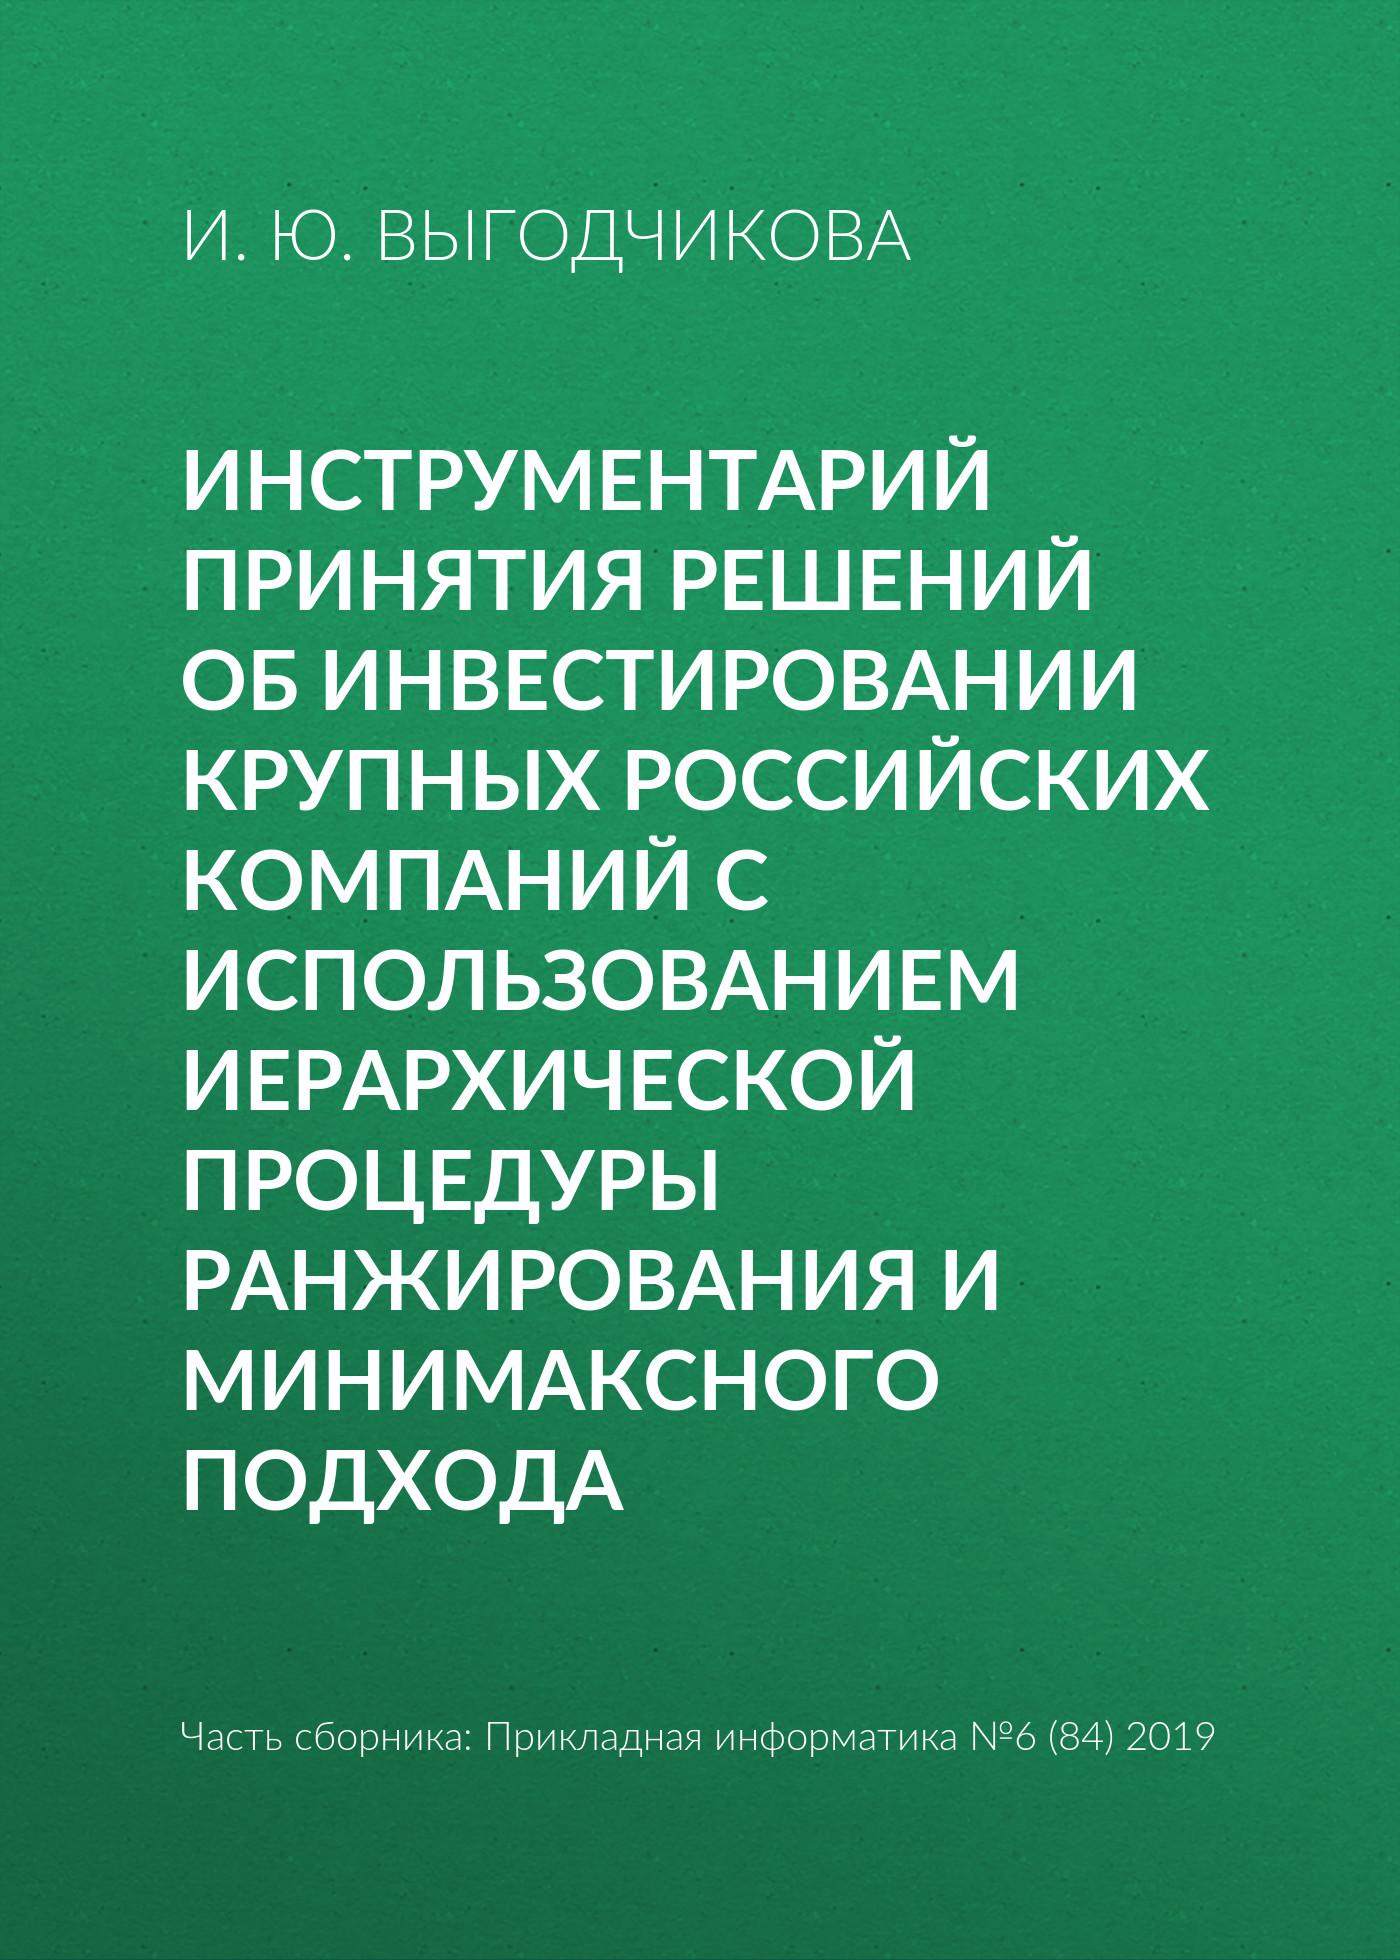 Инструментарий принятия решений об инвестировании крупных российских компаний с использованием иерархической процедуры ранжирования и минимаксного подхода